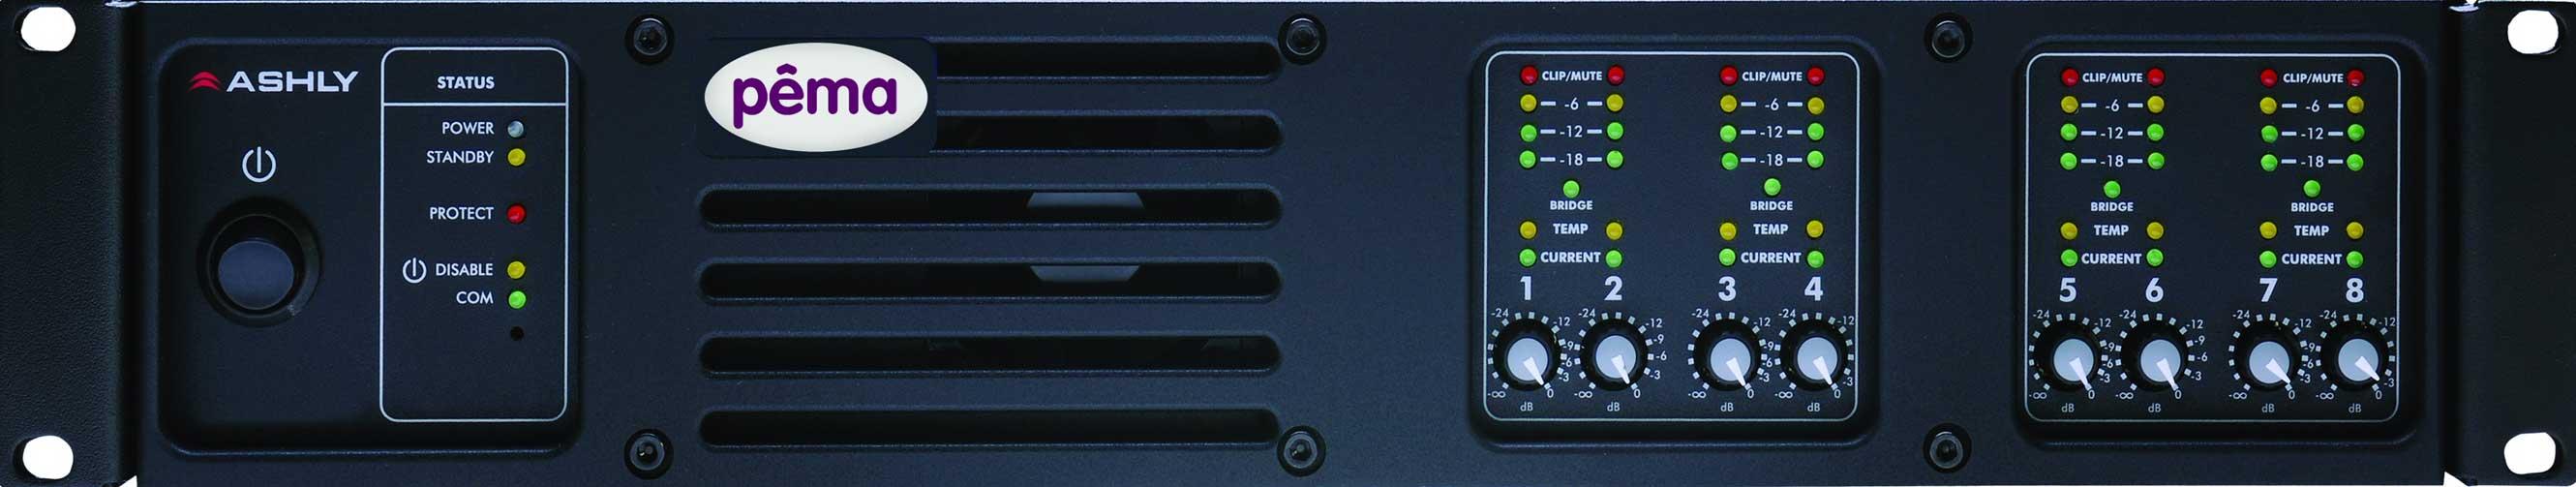 Power Amplifier, 8x250W @ 4 Ohm, w/8x8 DSP Matrix